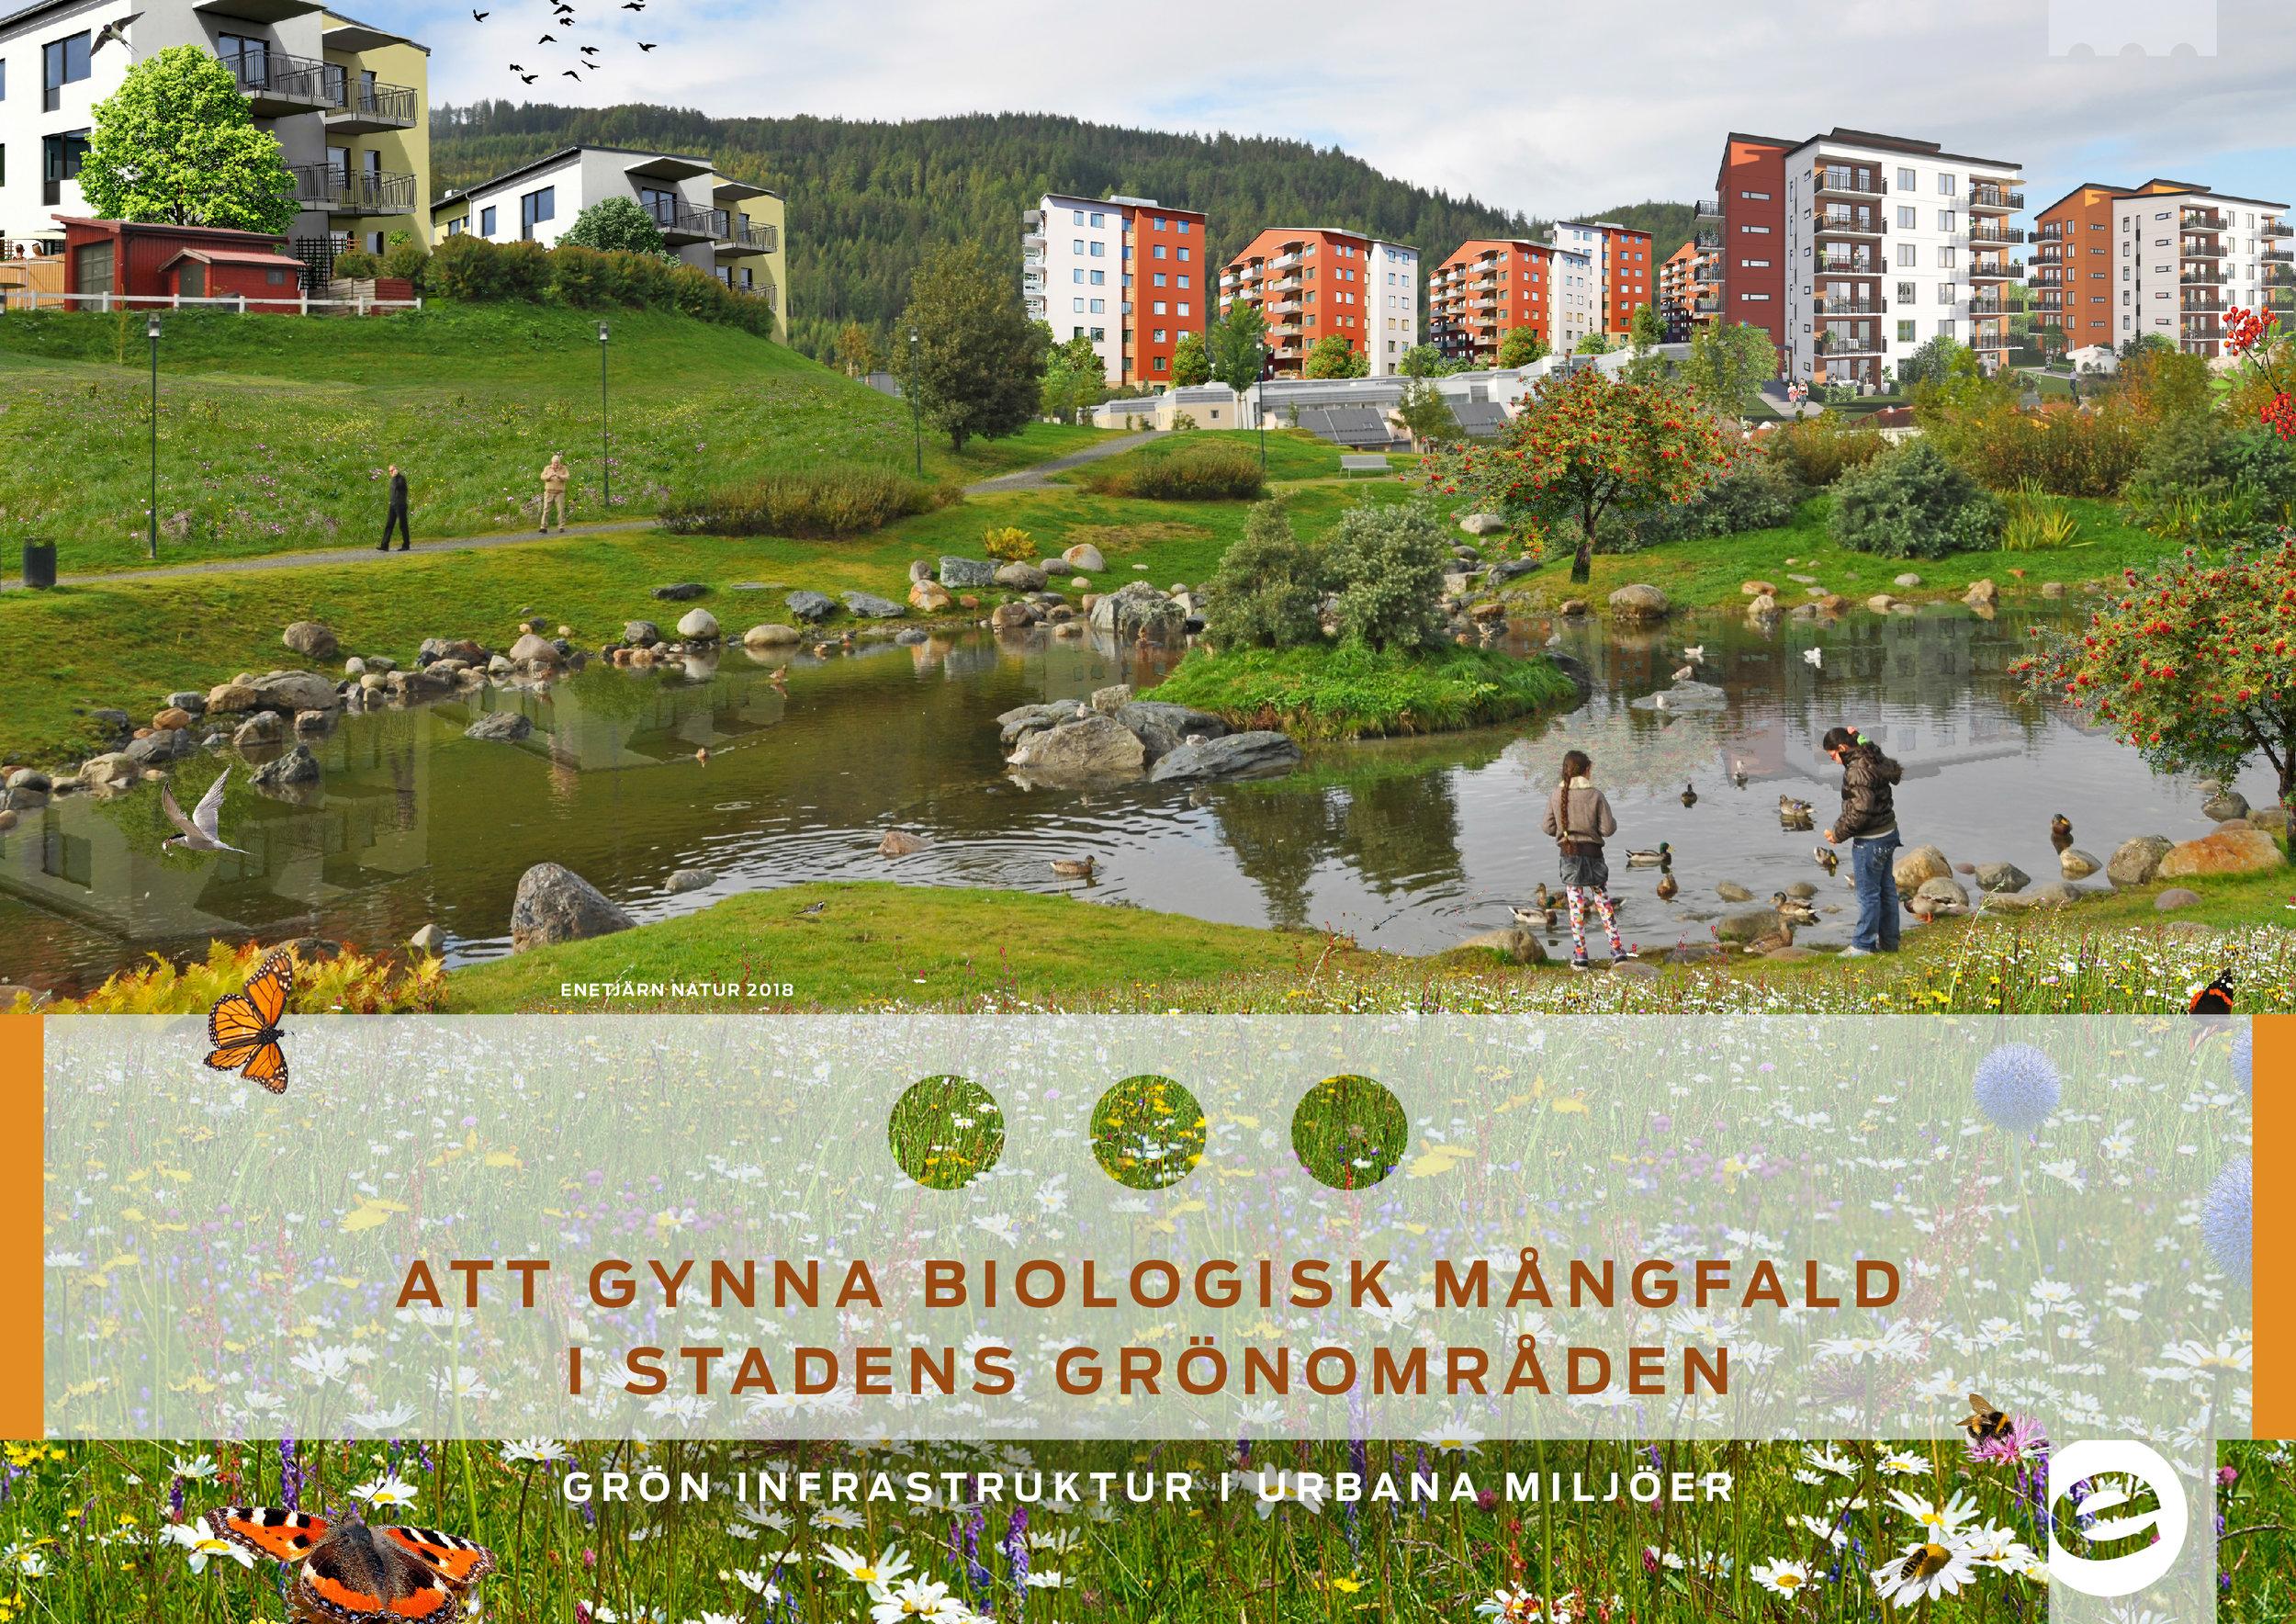 Handbok om att gynna biologisk mångfald i stadens grönomräde